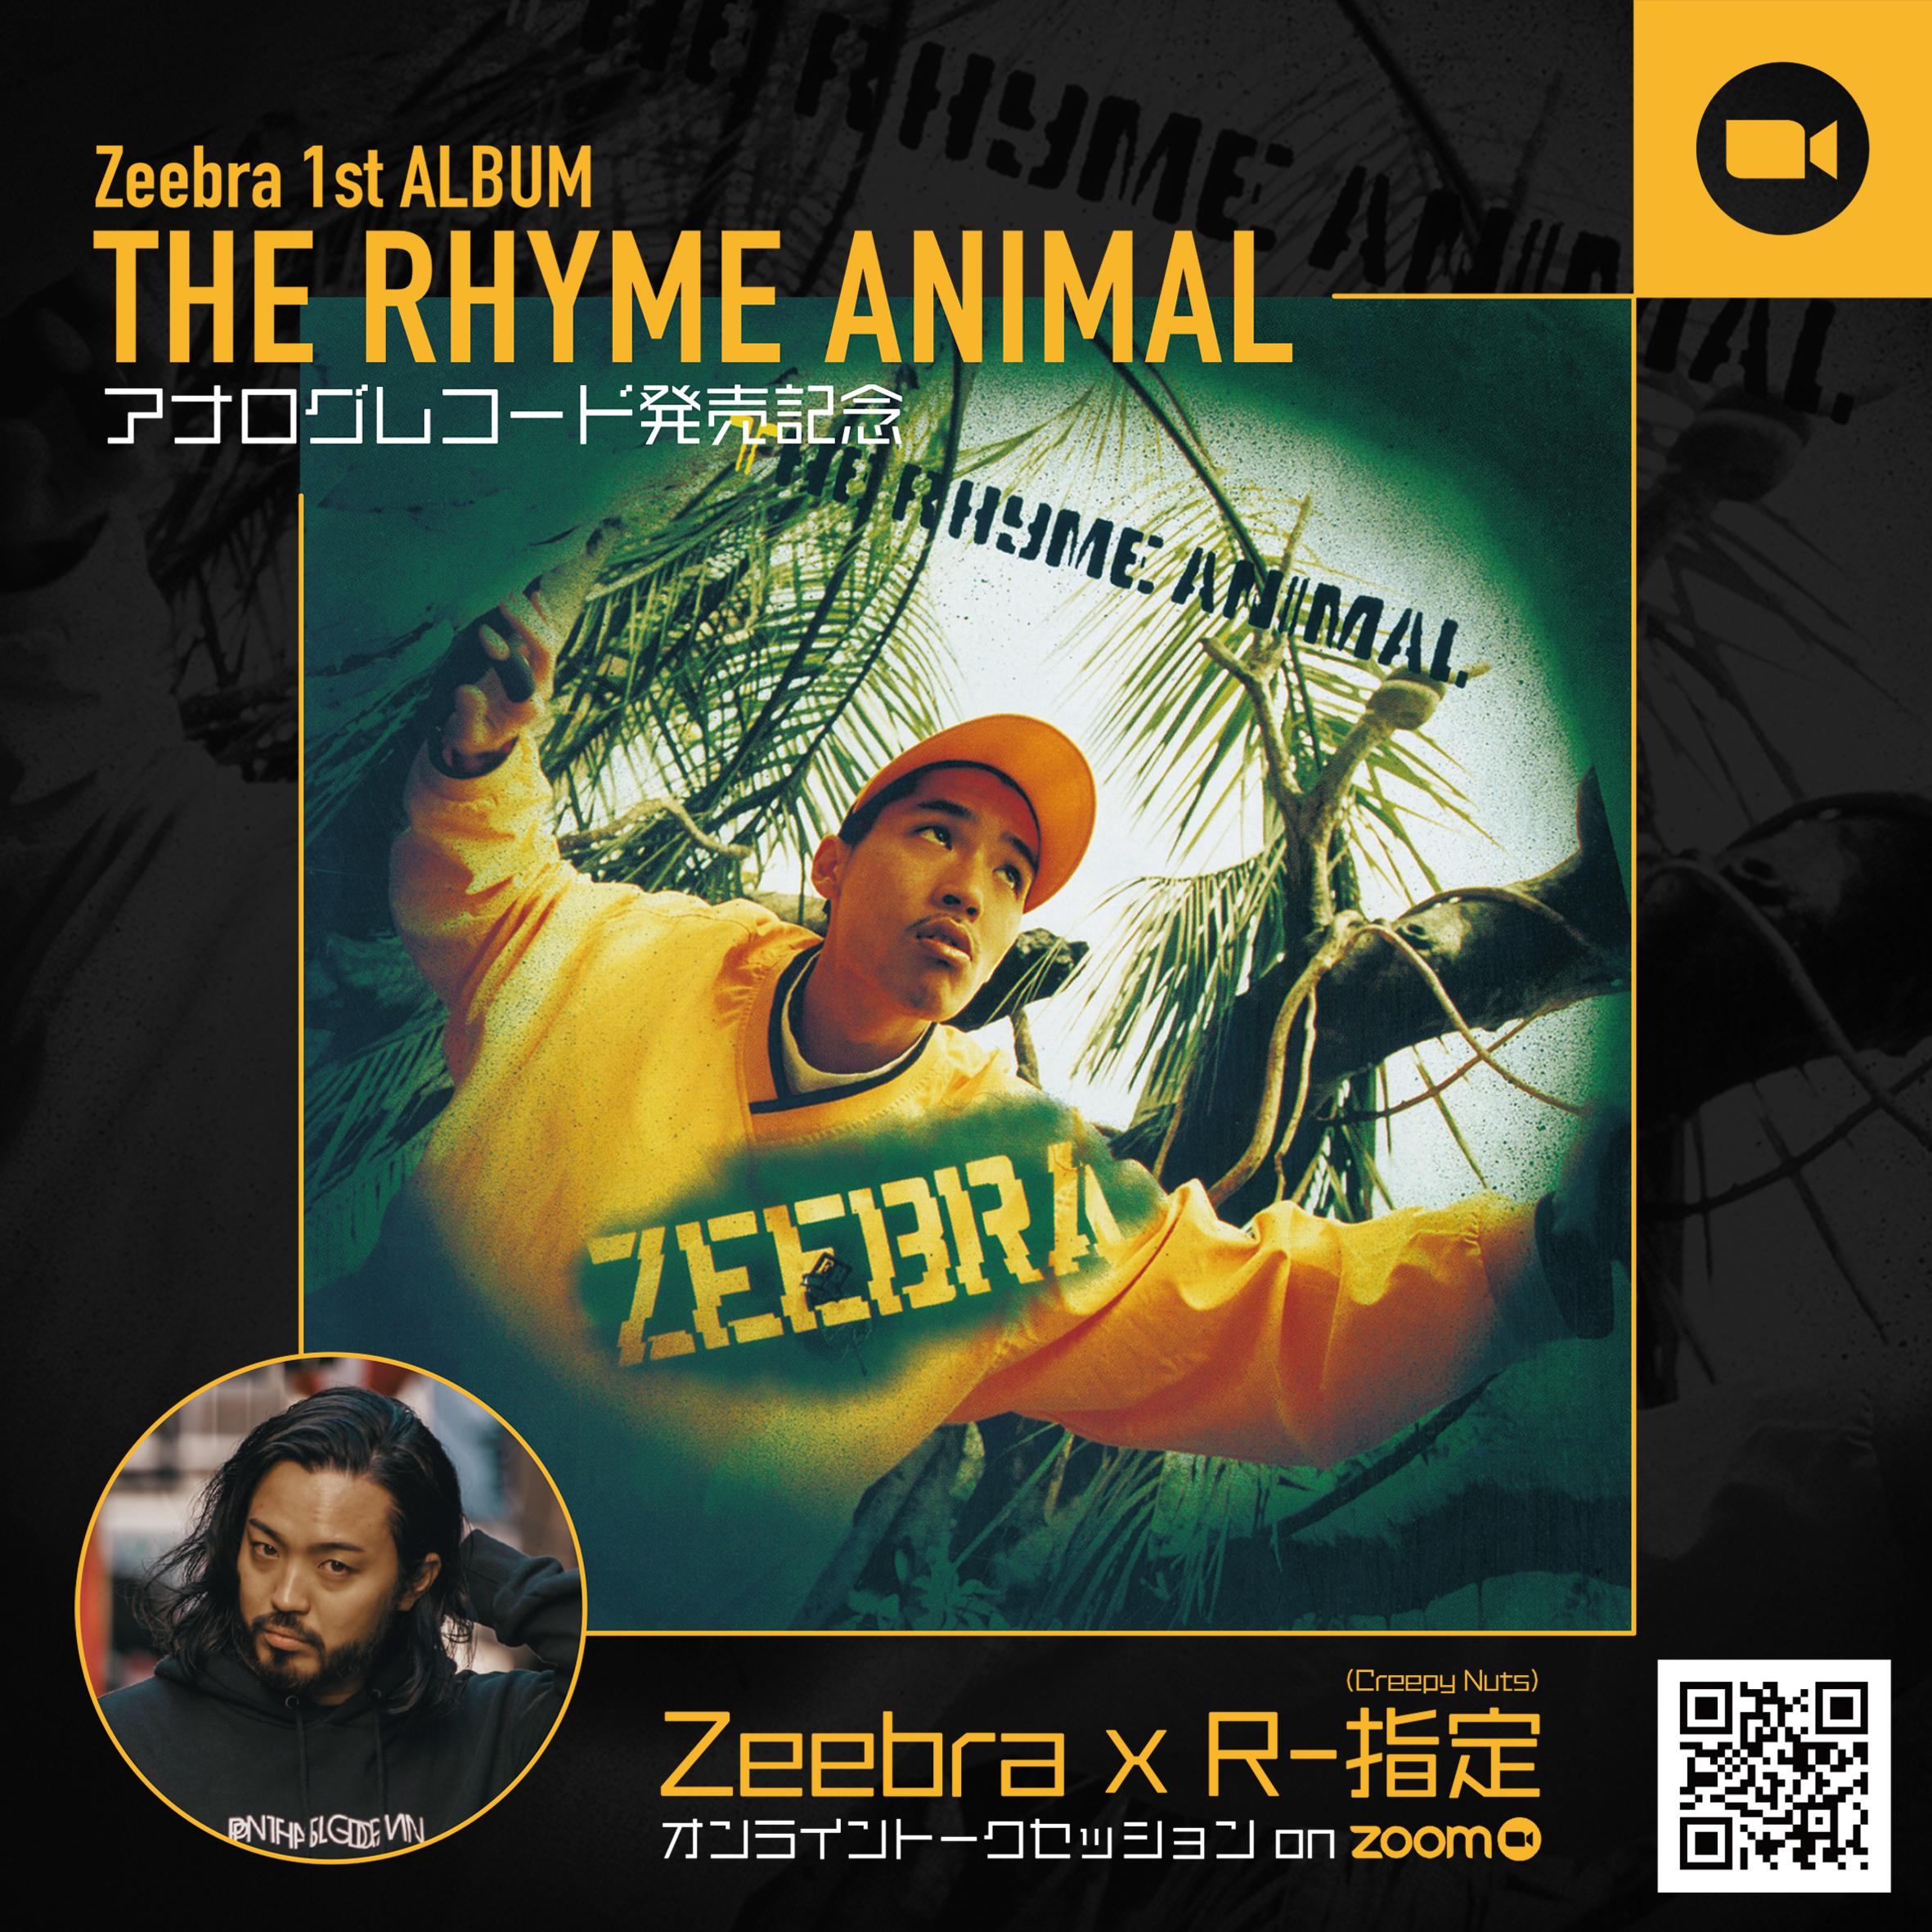 Zeebra 1st ALBUM「THE RHYME ANIMAL」のアナログレコード盤の発売を記念して、R-指定(Creepy Nuts)とのオンライントークセッションを開催!!